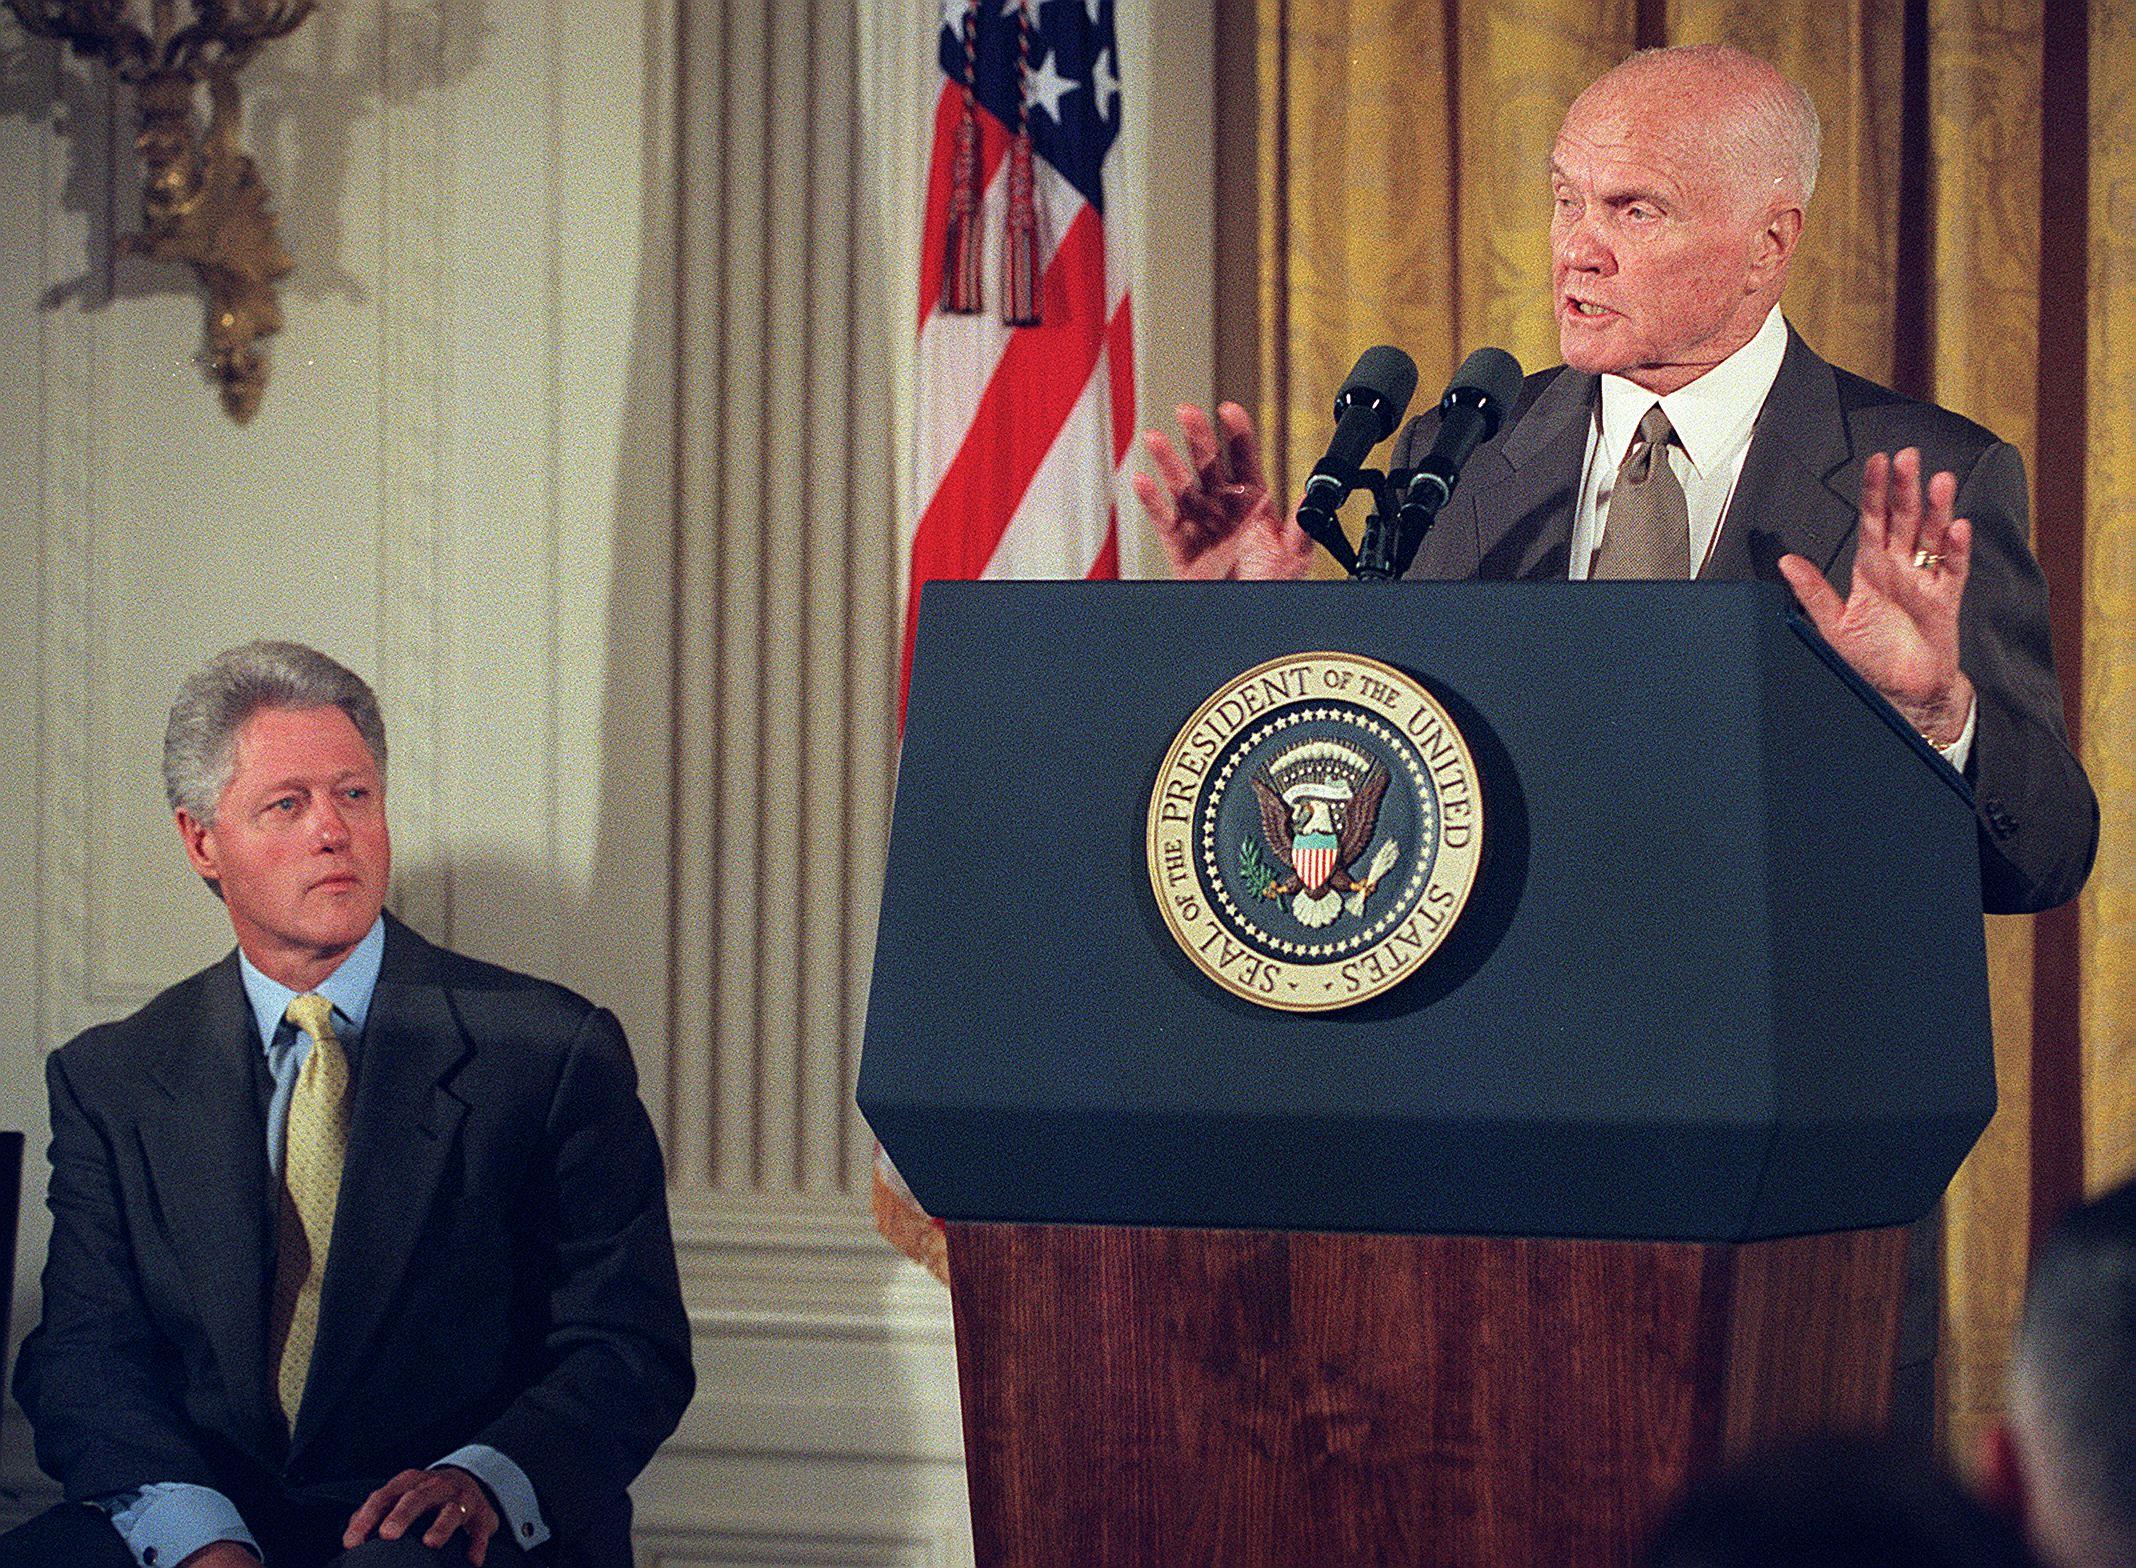 جون غلين أثناء مسيرته السياسية كعضو في مجلس الشيوخ الأميركي عام 1999